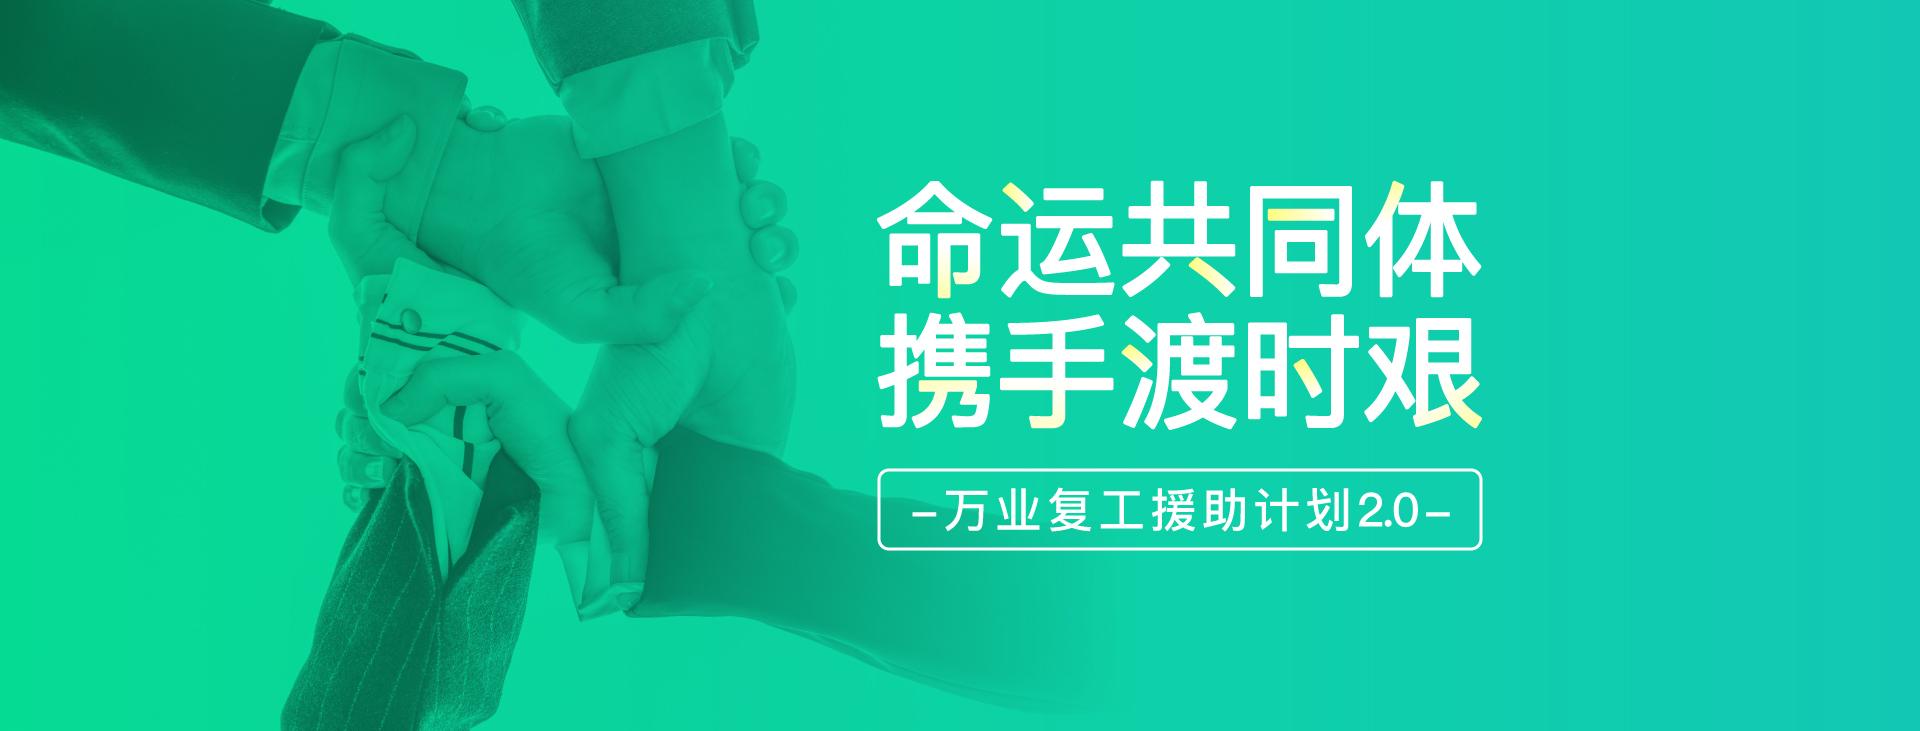 """上上签联合8家头部企业,推出""""万业复工援助计划2.0"""",帮助企业快速复工"""